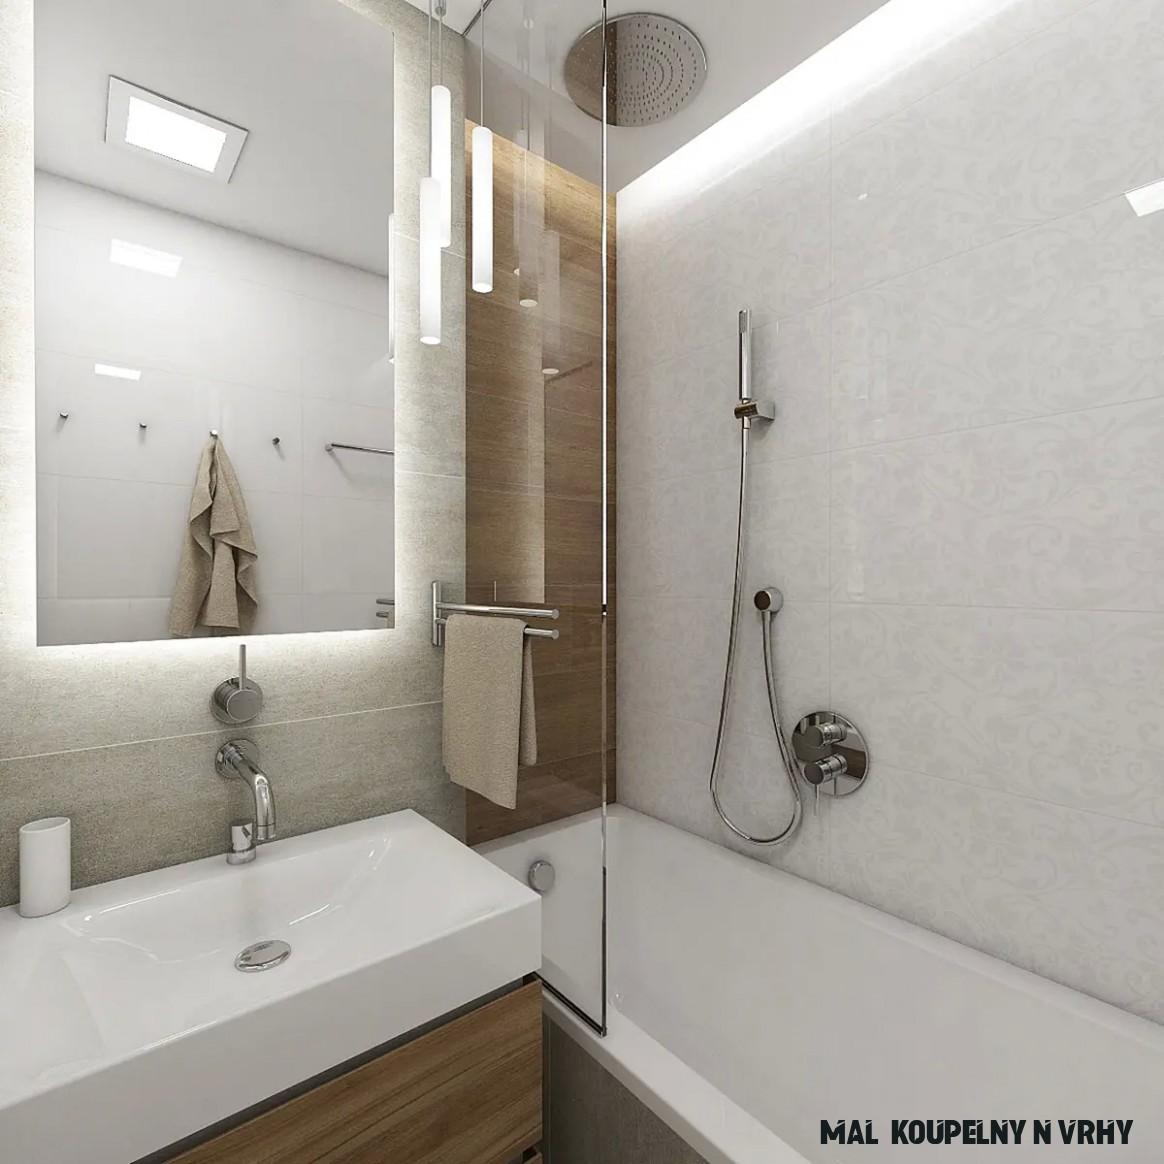 7 Nejlépe Idea pro Malé Koupelny Návrhy